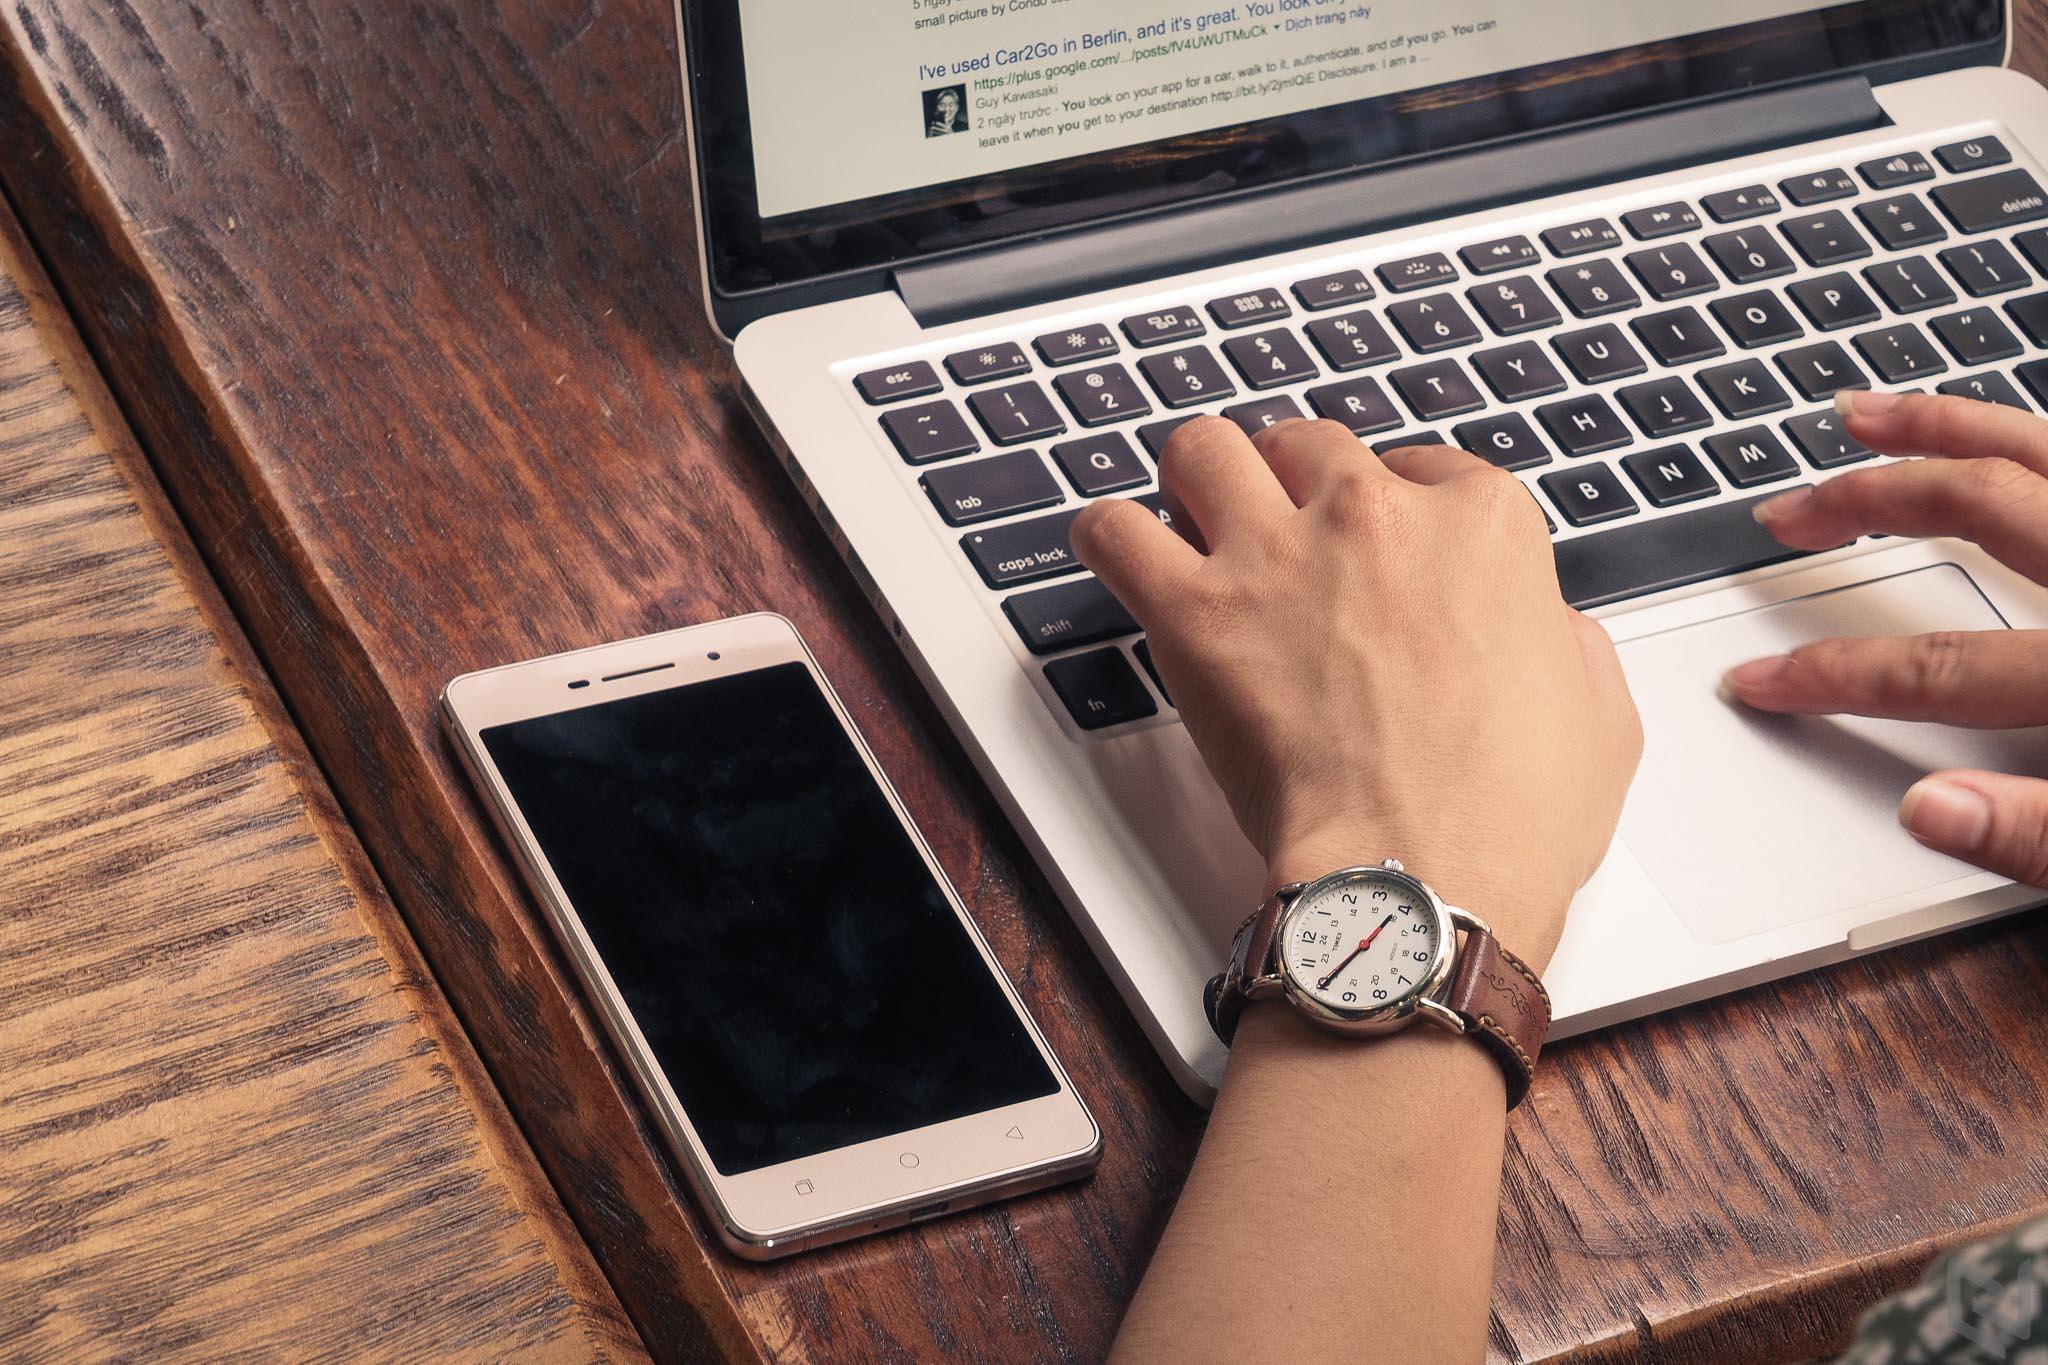 Đánh giá CoolPad Fancy Pro, có nên thêm 500K để chọn Fancy 3?